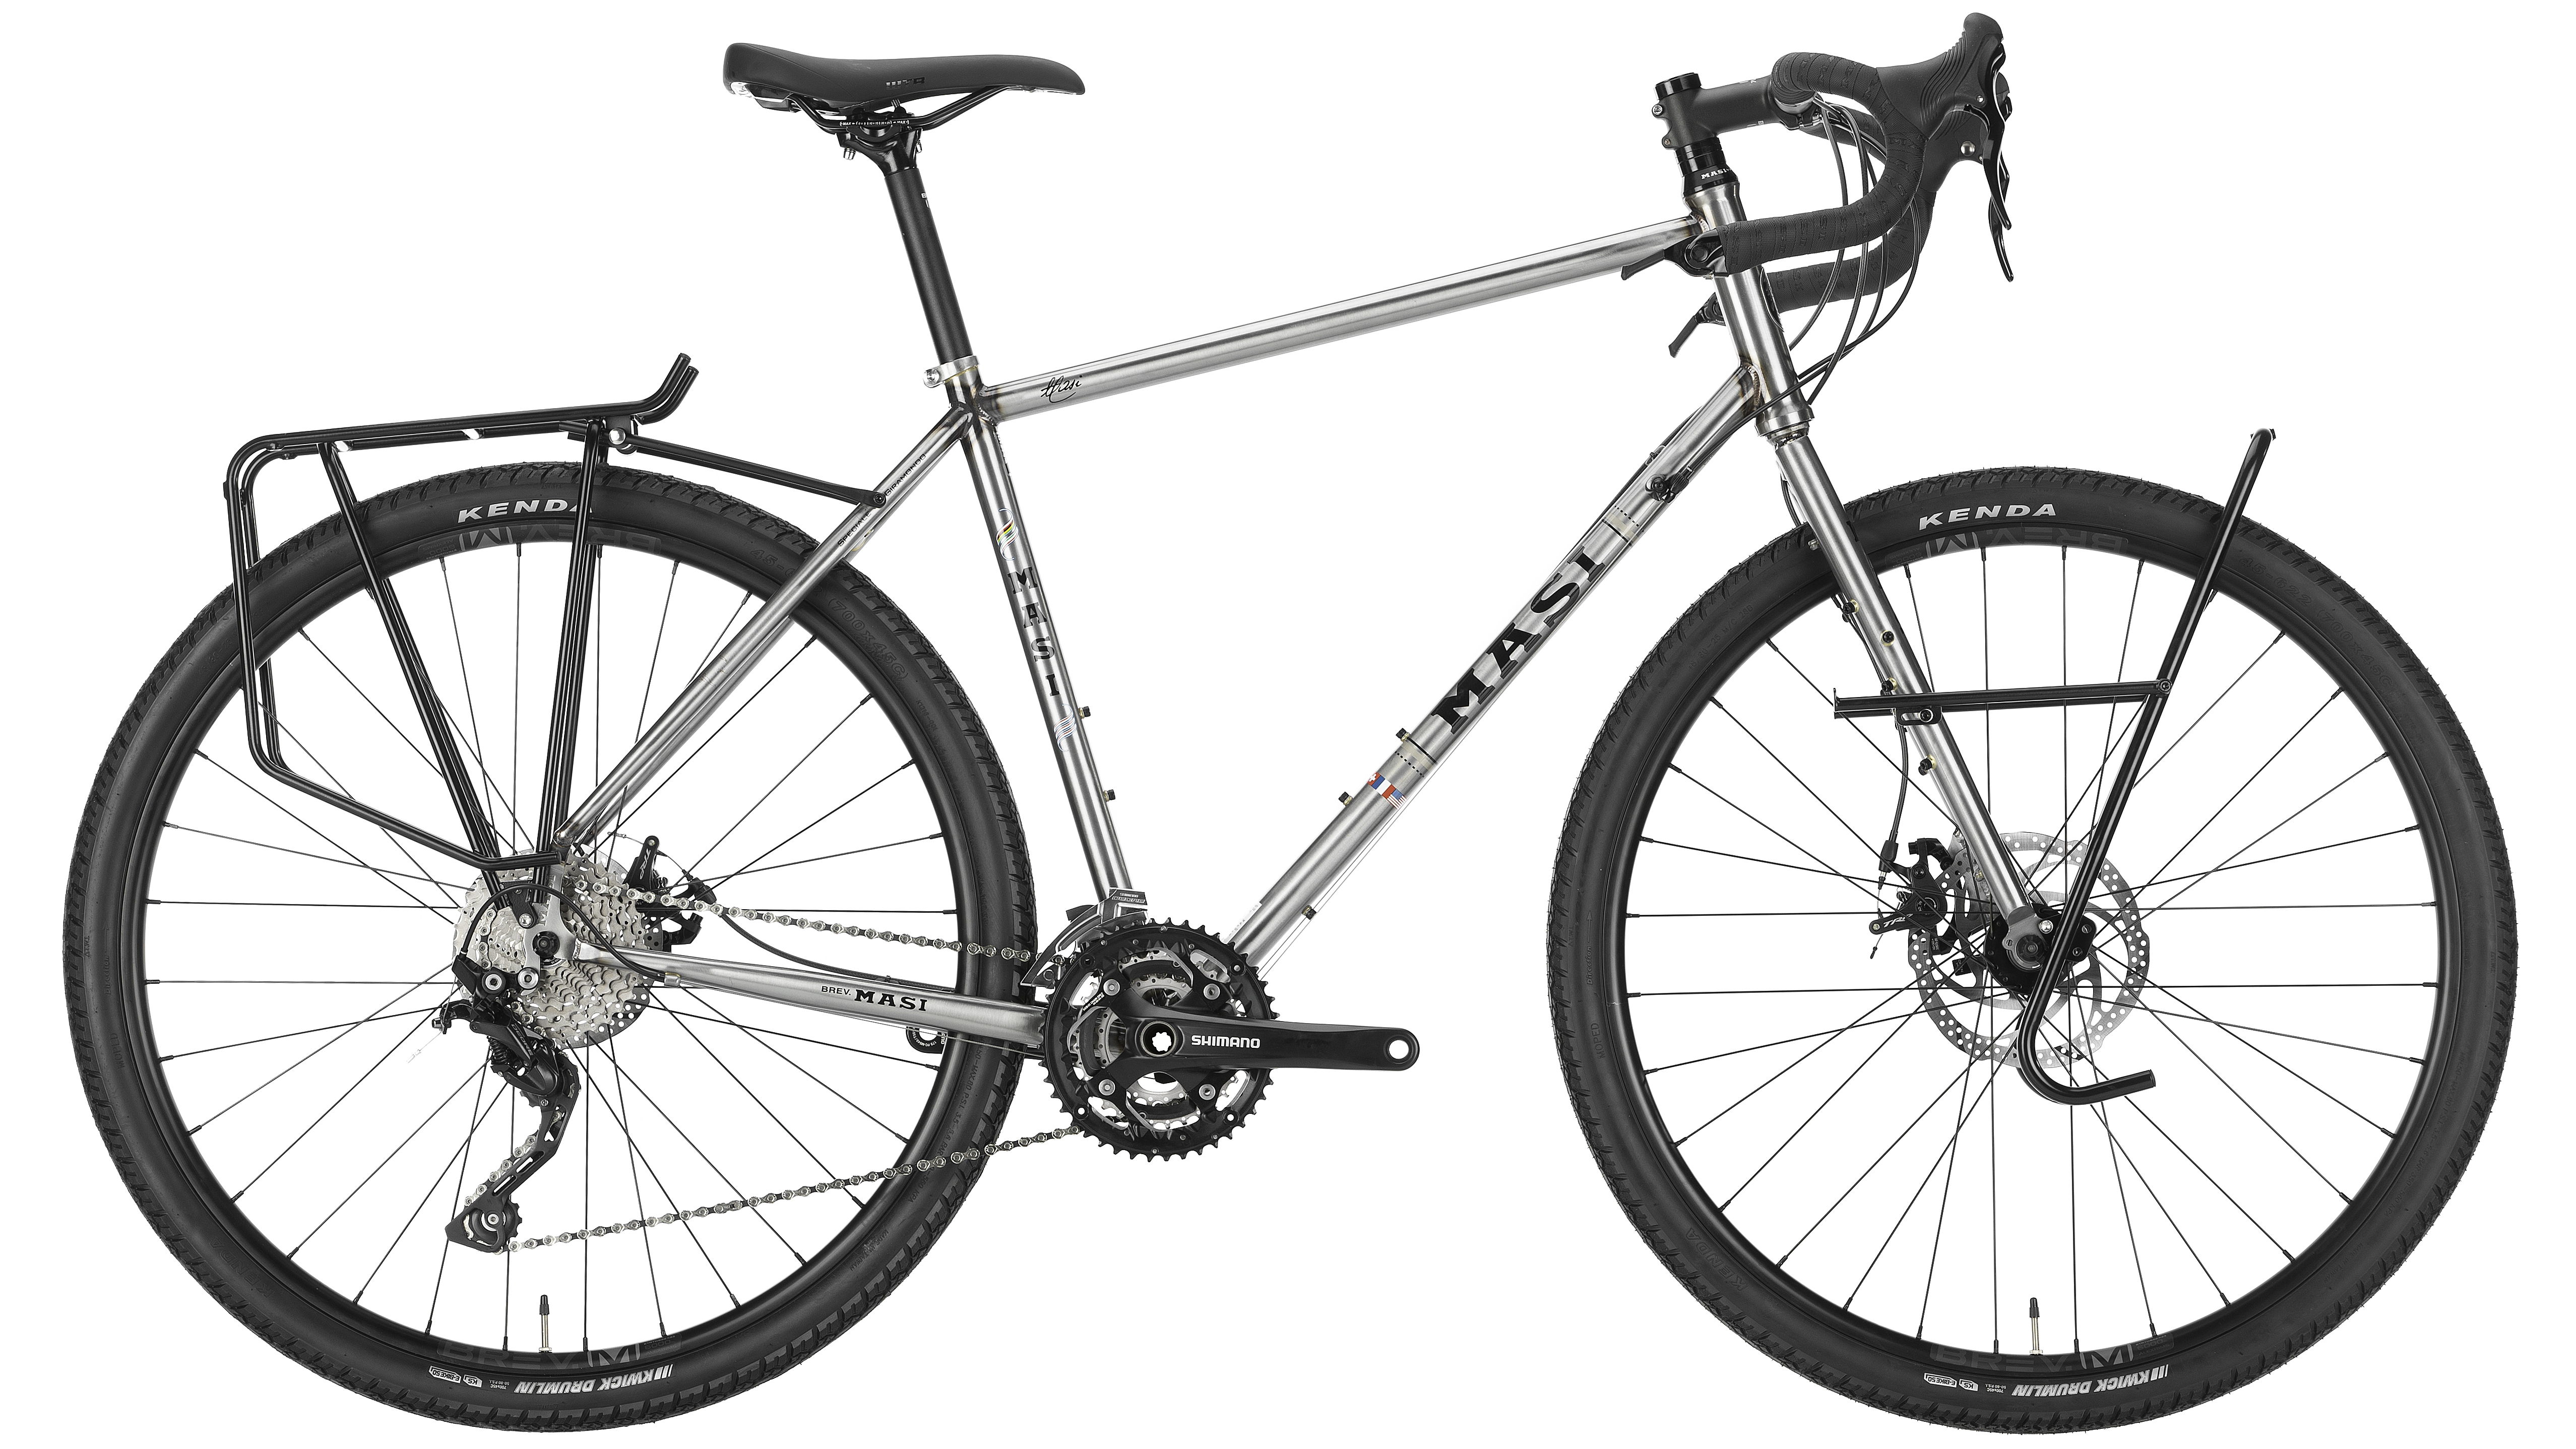 bi002010 raw steel